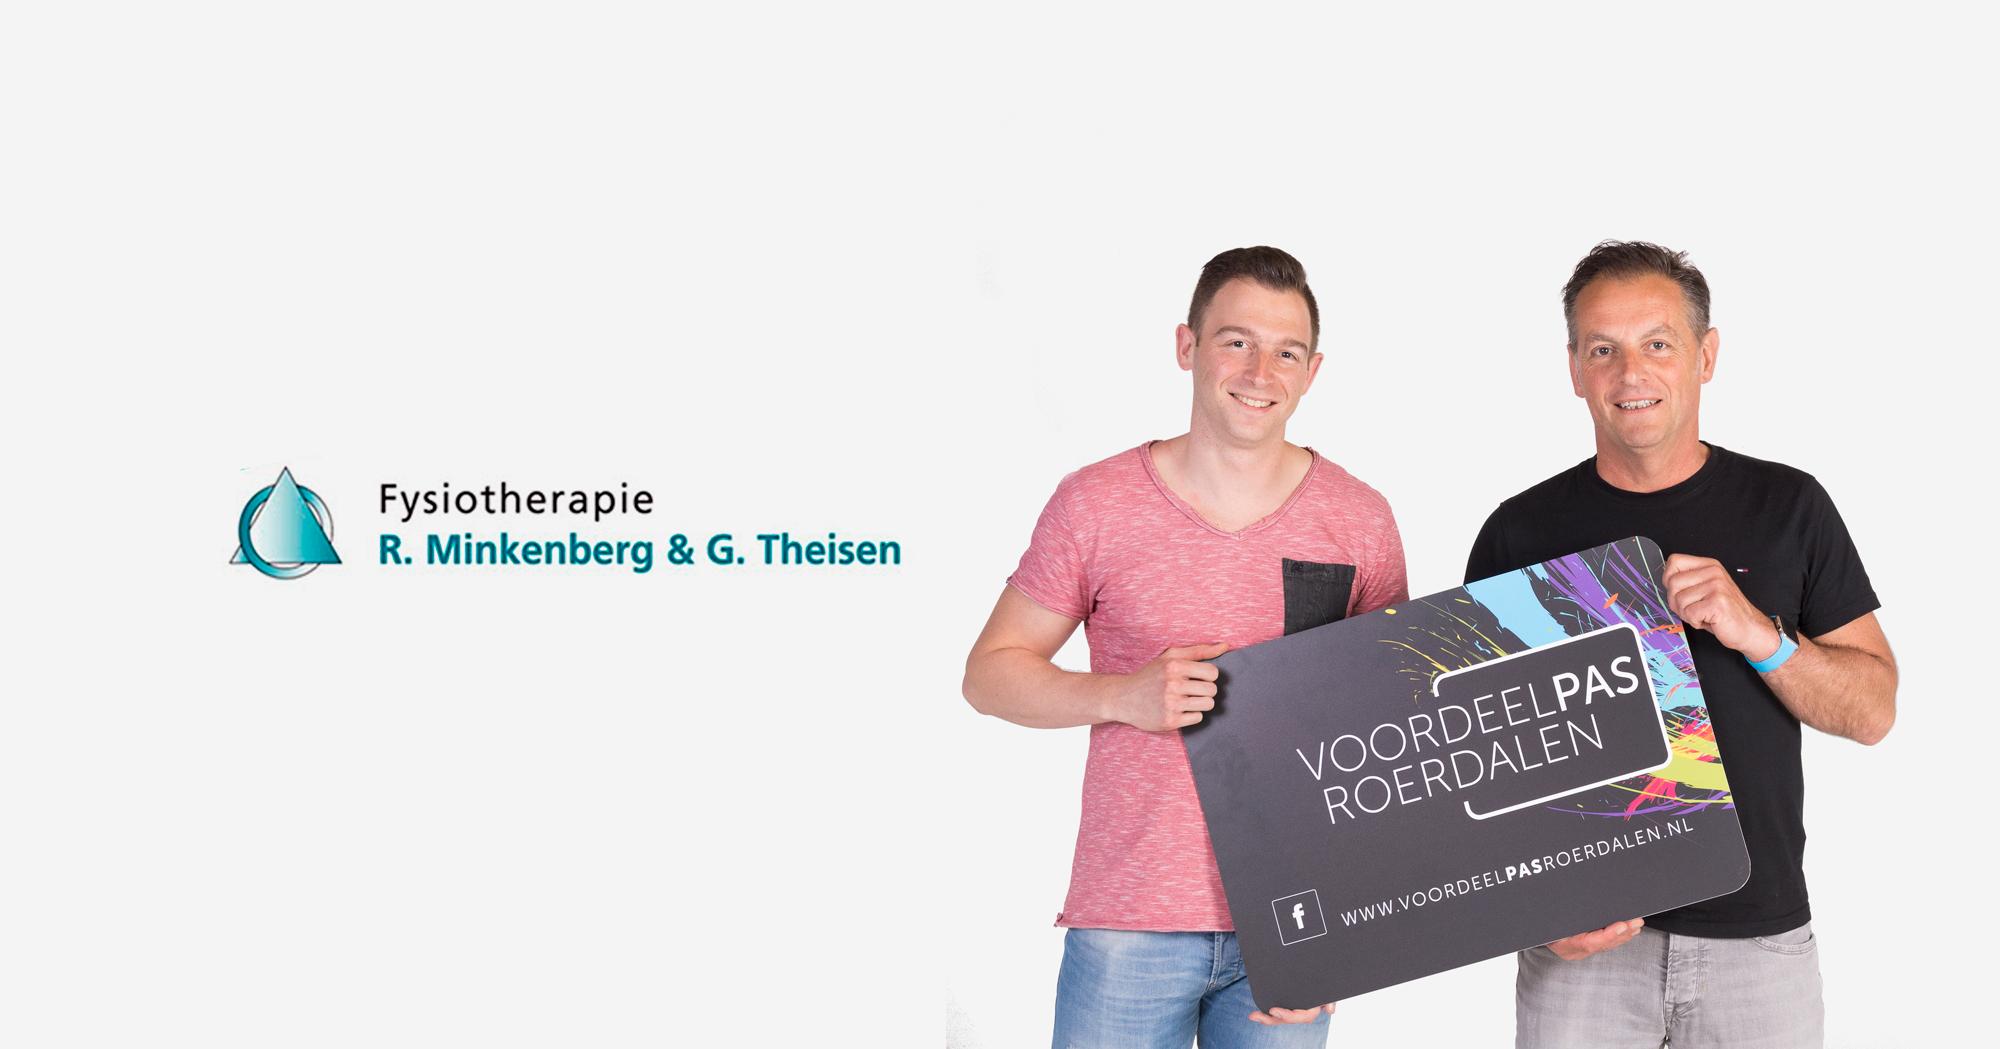 Therapiecentrum-Minkenberg-Theisen-voordeelpas-Wide